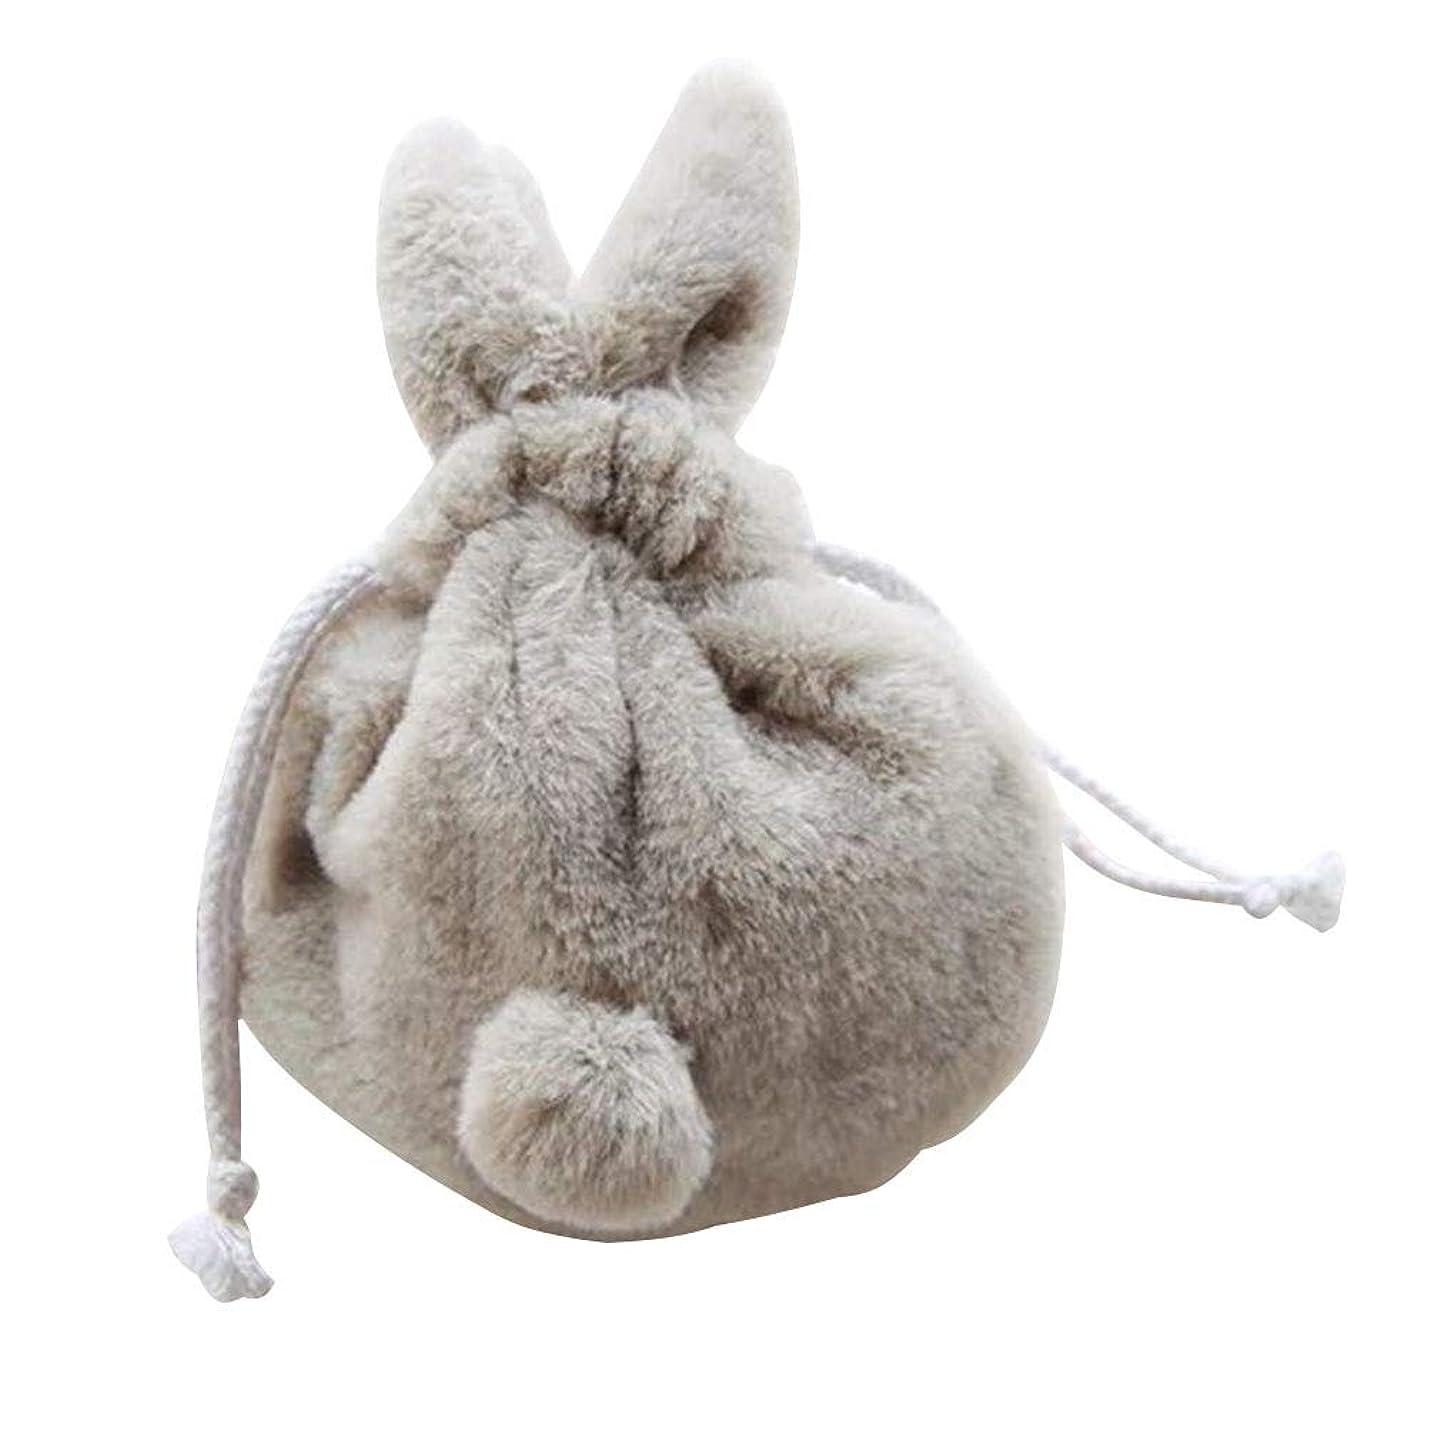 パンチメダル憲法FRCOLOR コスメポーチ 化粧ポーチ 化粧バッグ もふもふ うさぎ ポーチ 巾着袋 化粧品収納 小物入れ かわいい(グレー)